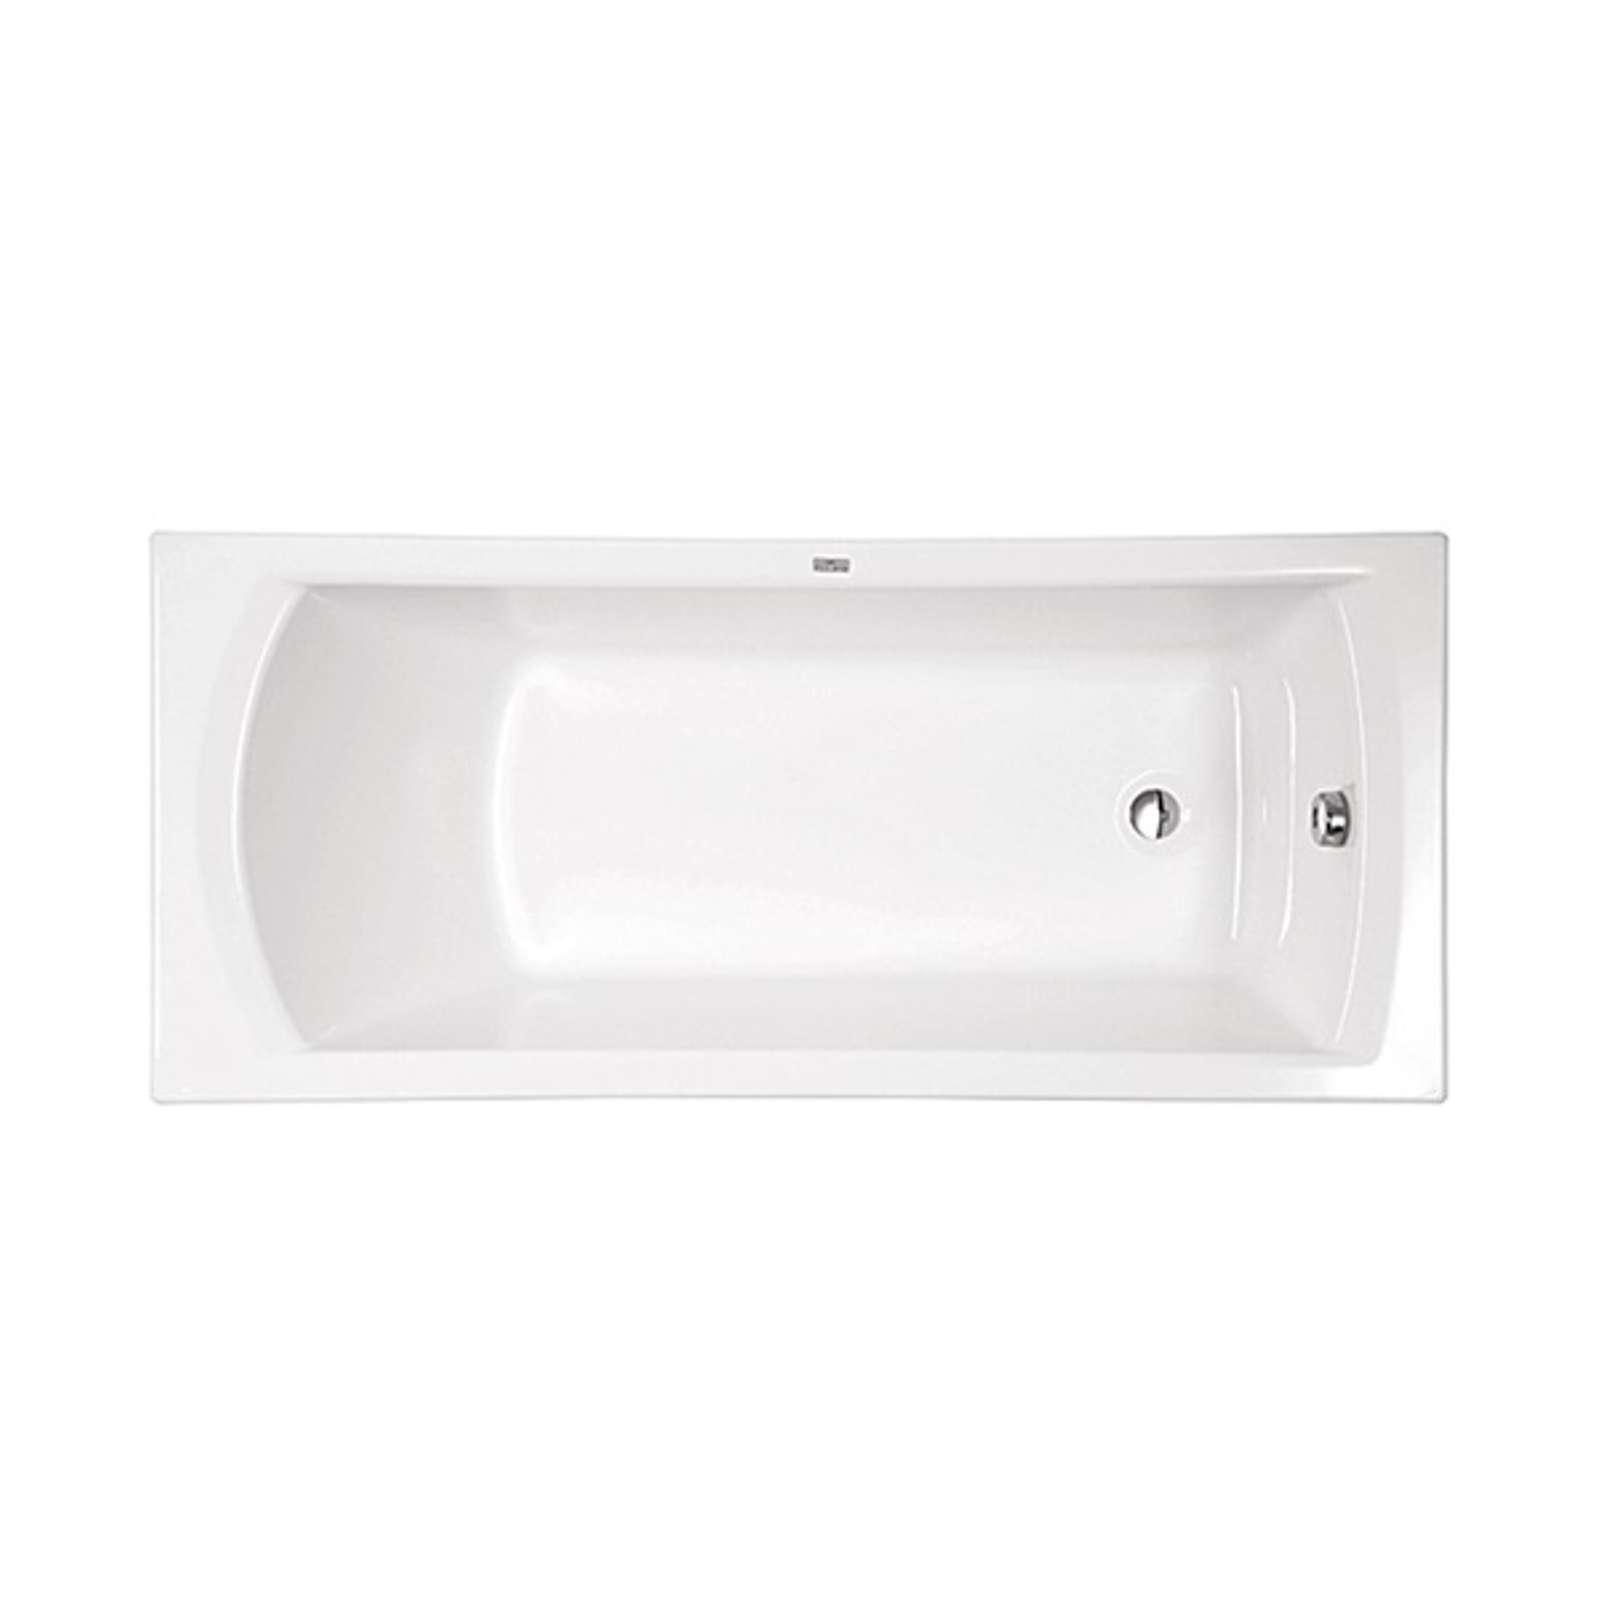 Ванна акриловая Santek - Монако XL 170х75 см